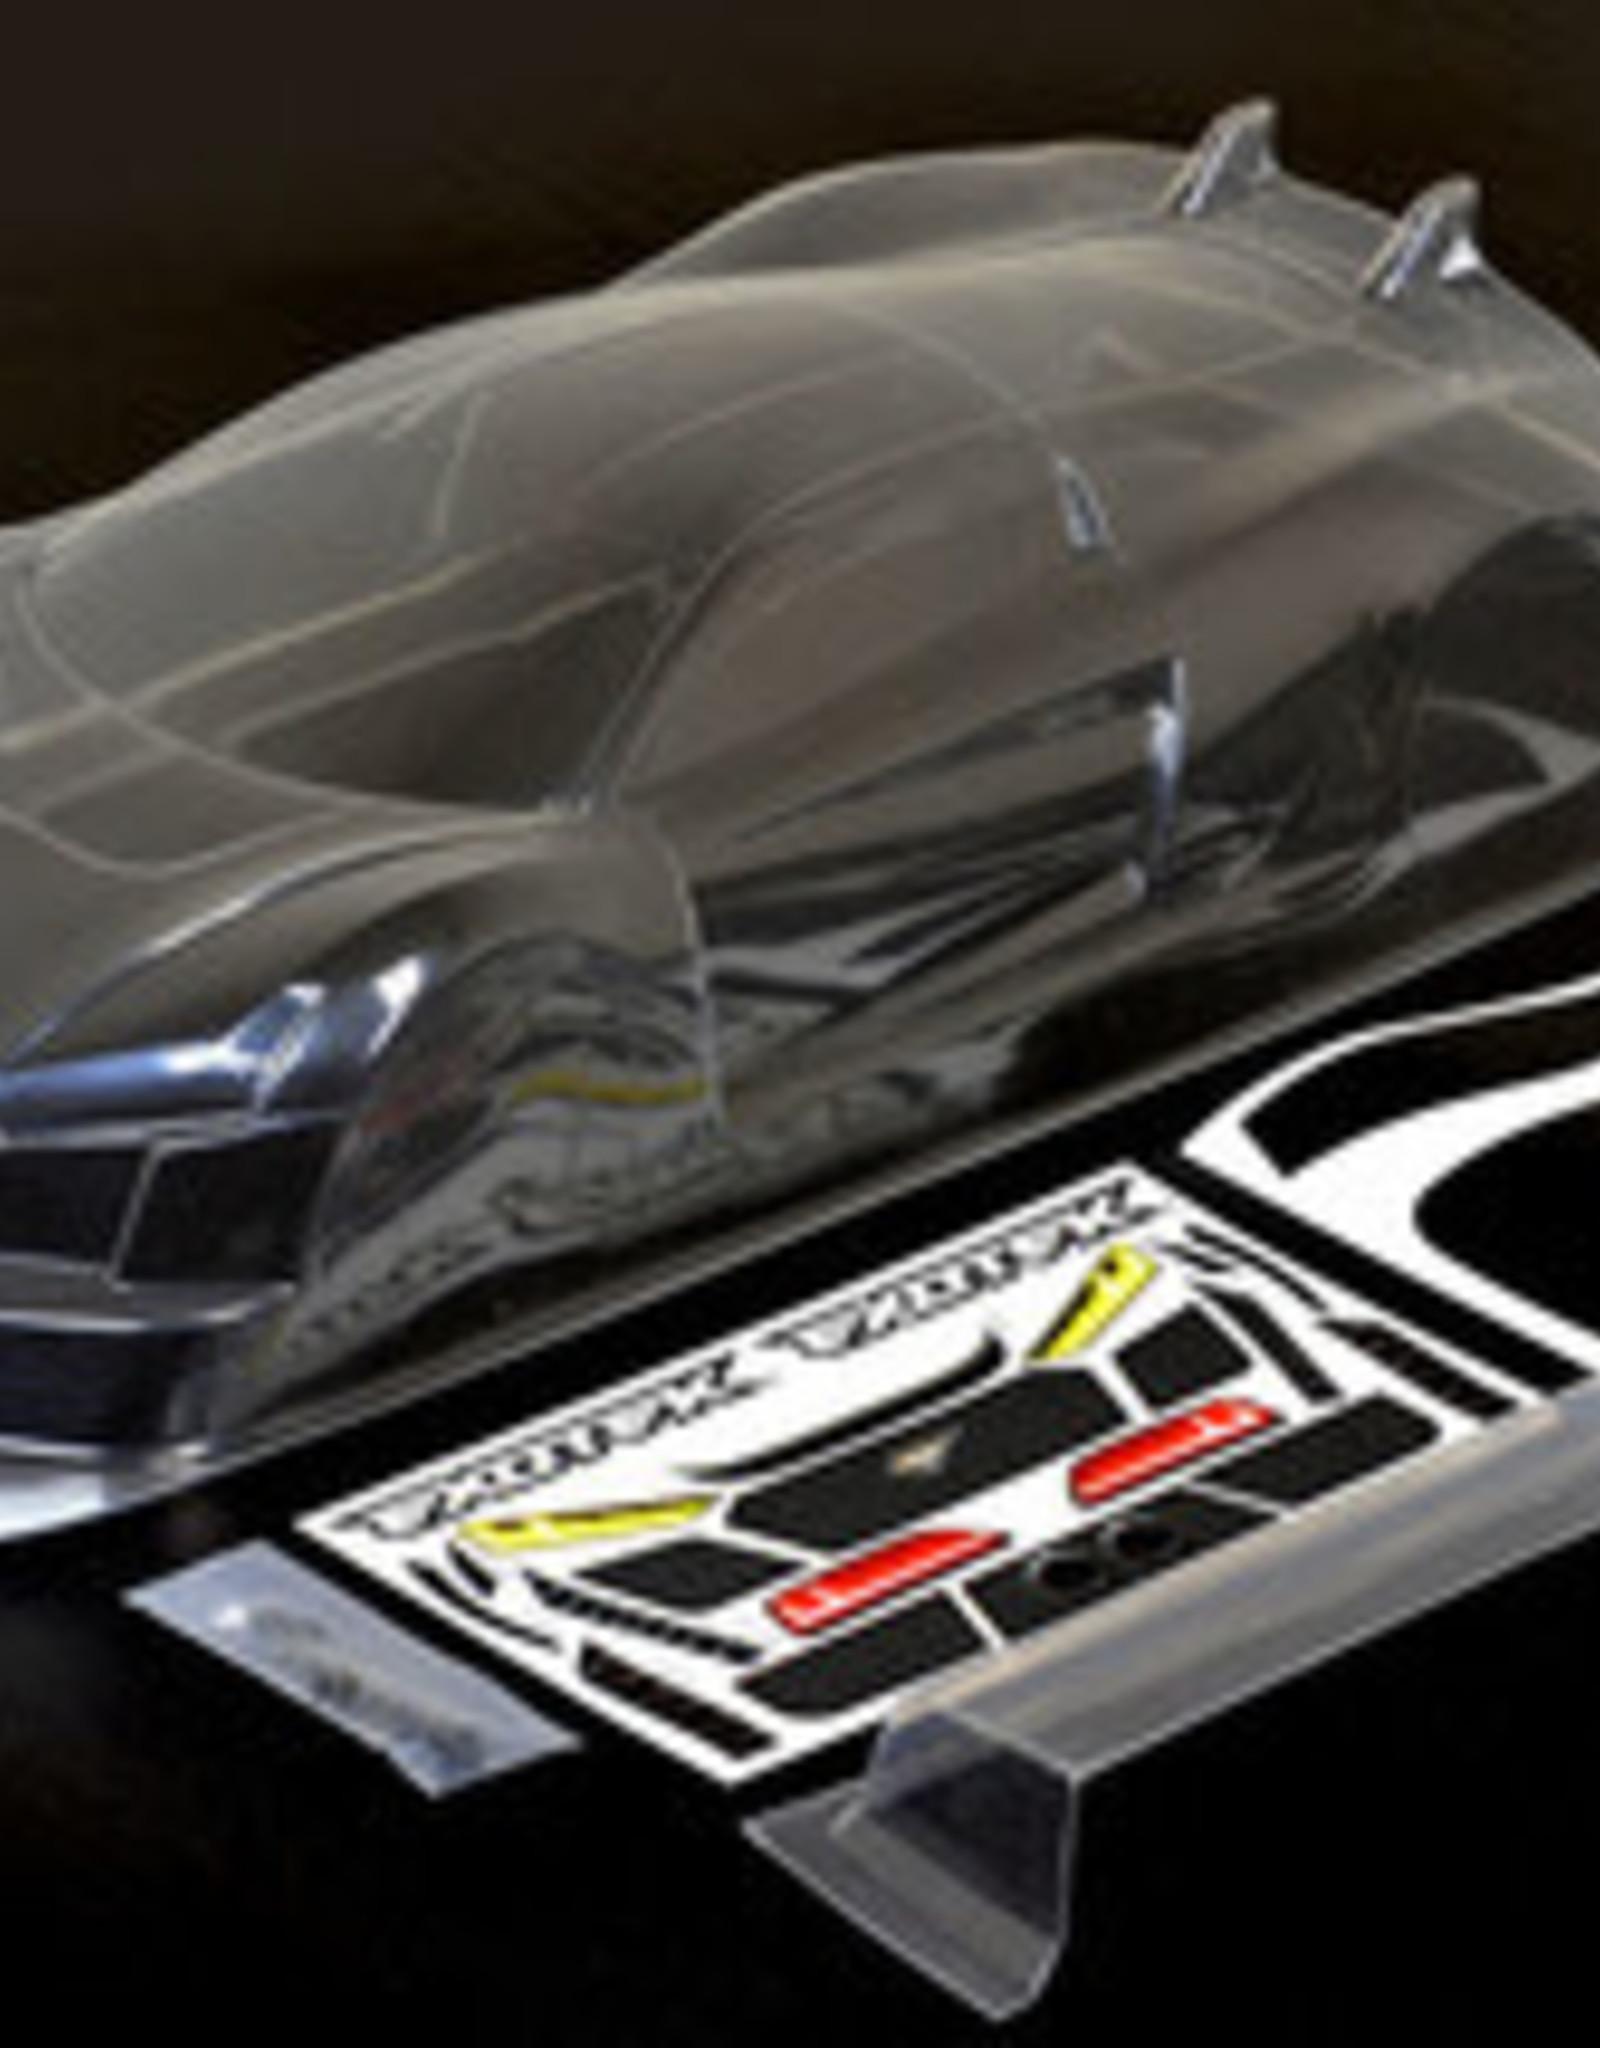 Exotek EXO1863  R TEK 1/10 USGT Race Clear Lexan Body, w/ Wing